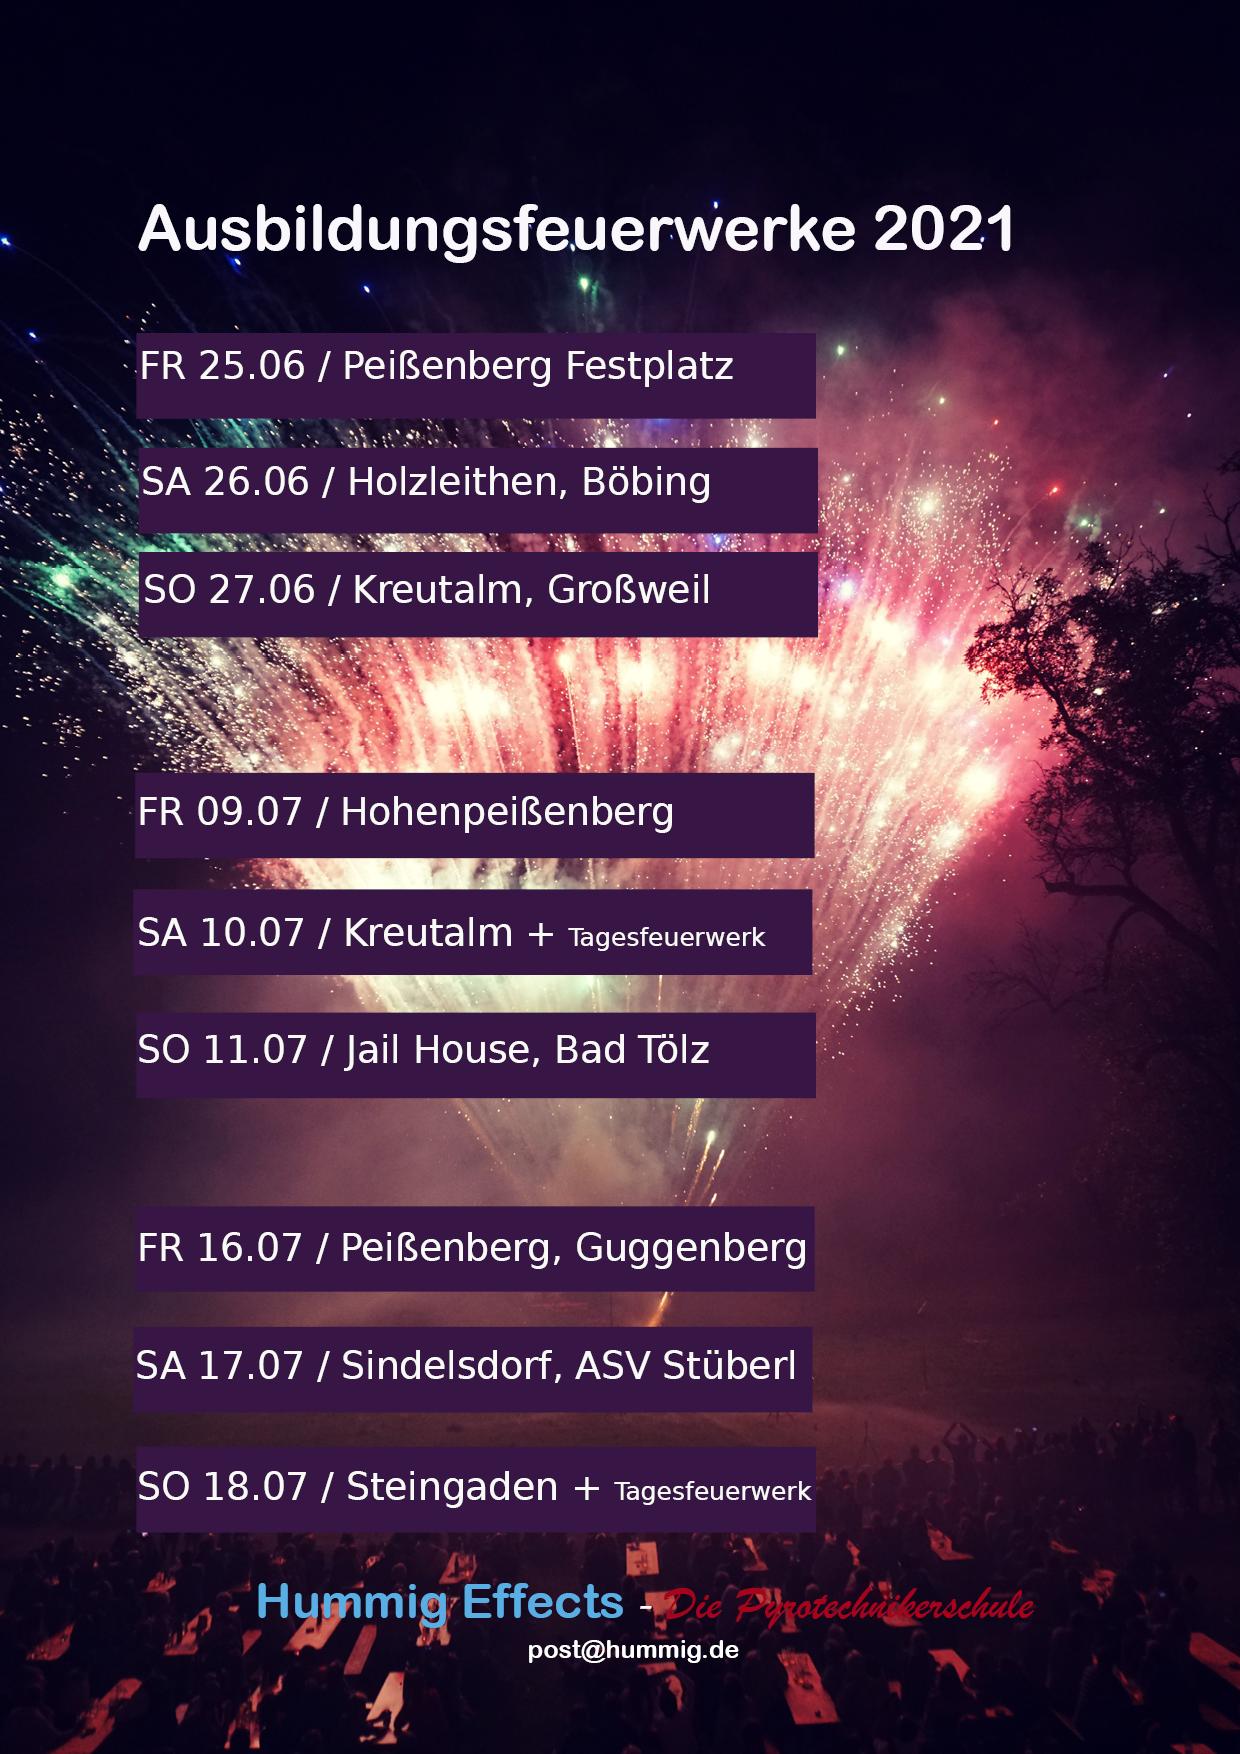 Ausbildungsfeuerwerke_2021.png